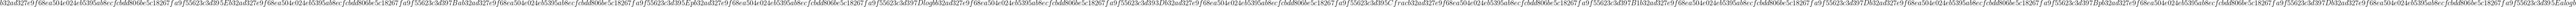 ^{a^p} log b = \frac{1}{p} ^a log b